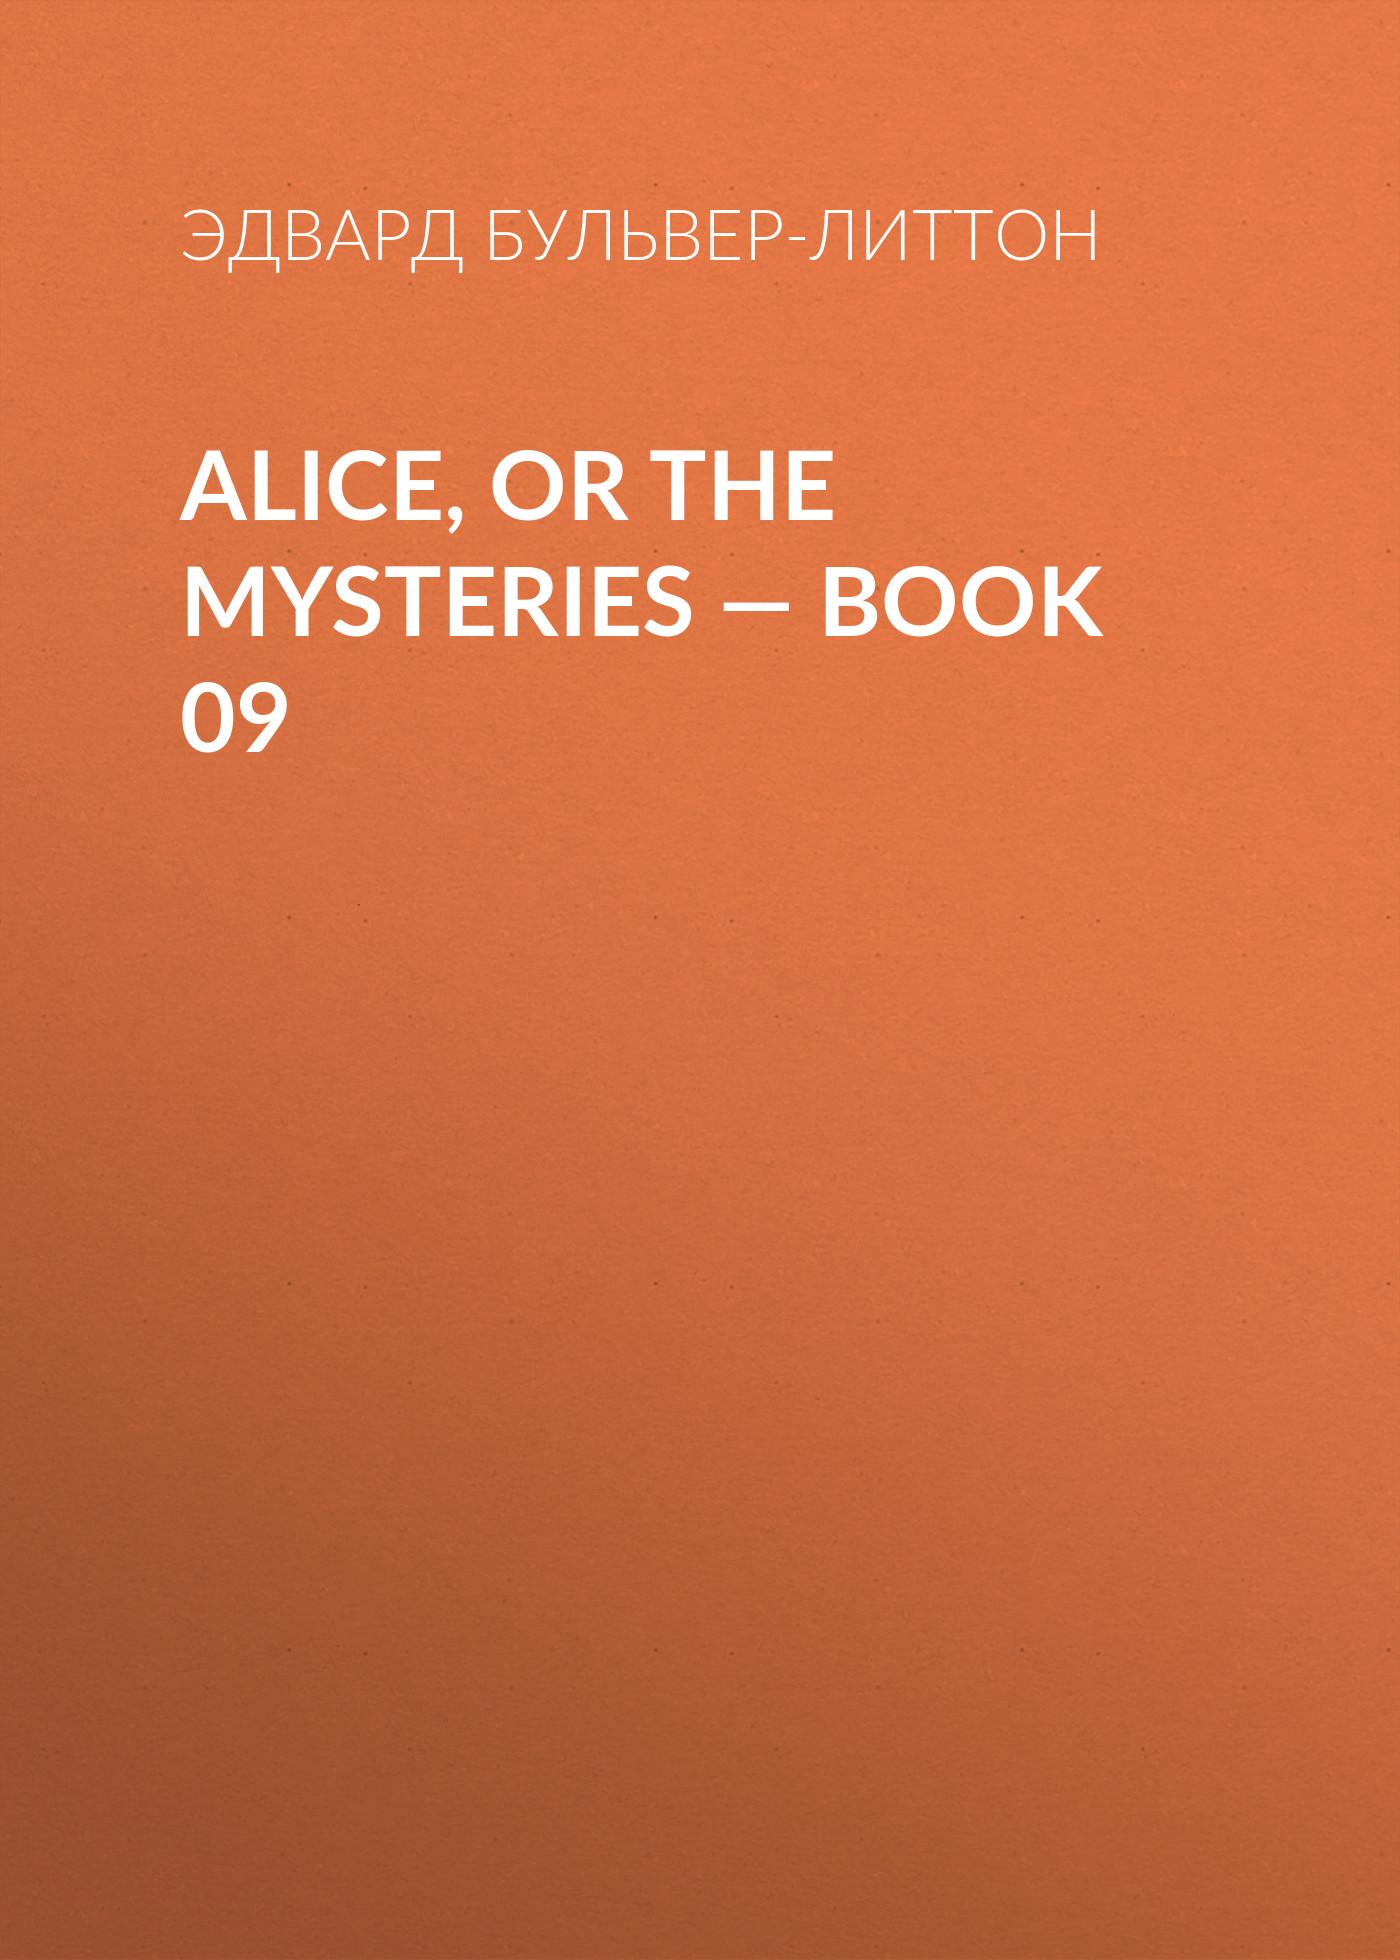 Эдвард Бульвер-Литтон Alice, or the Mysteries — Book 09 эдвард бульвер литтон leila or the siege of granada book iv